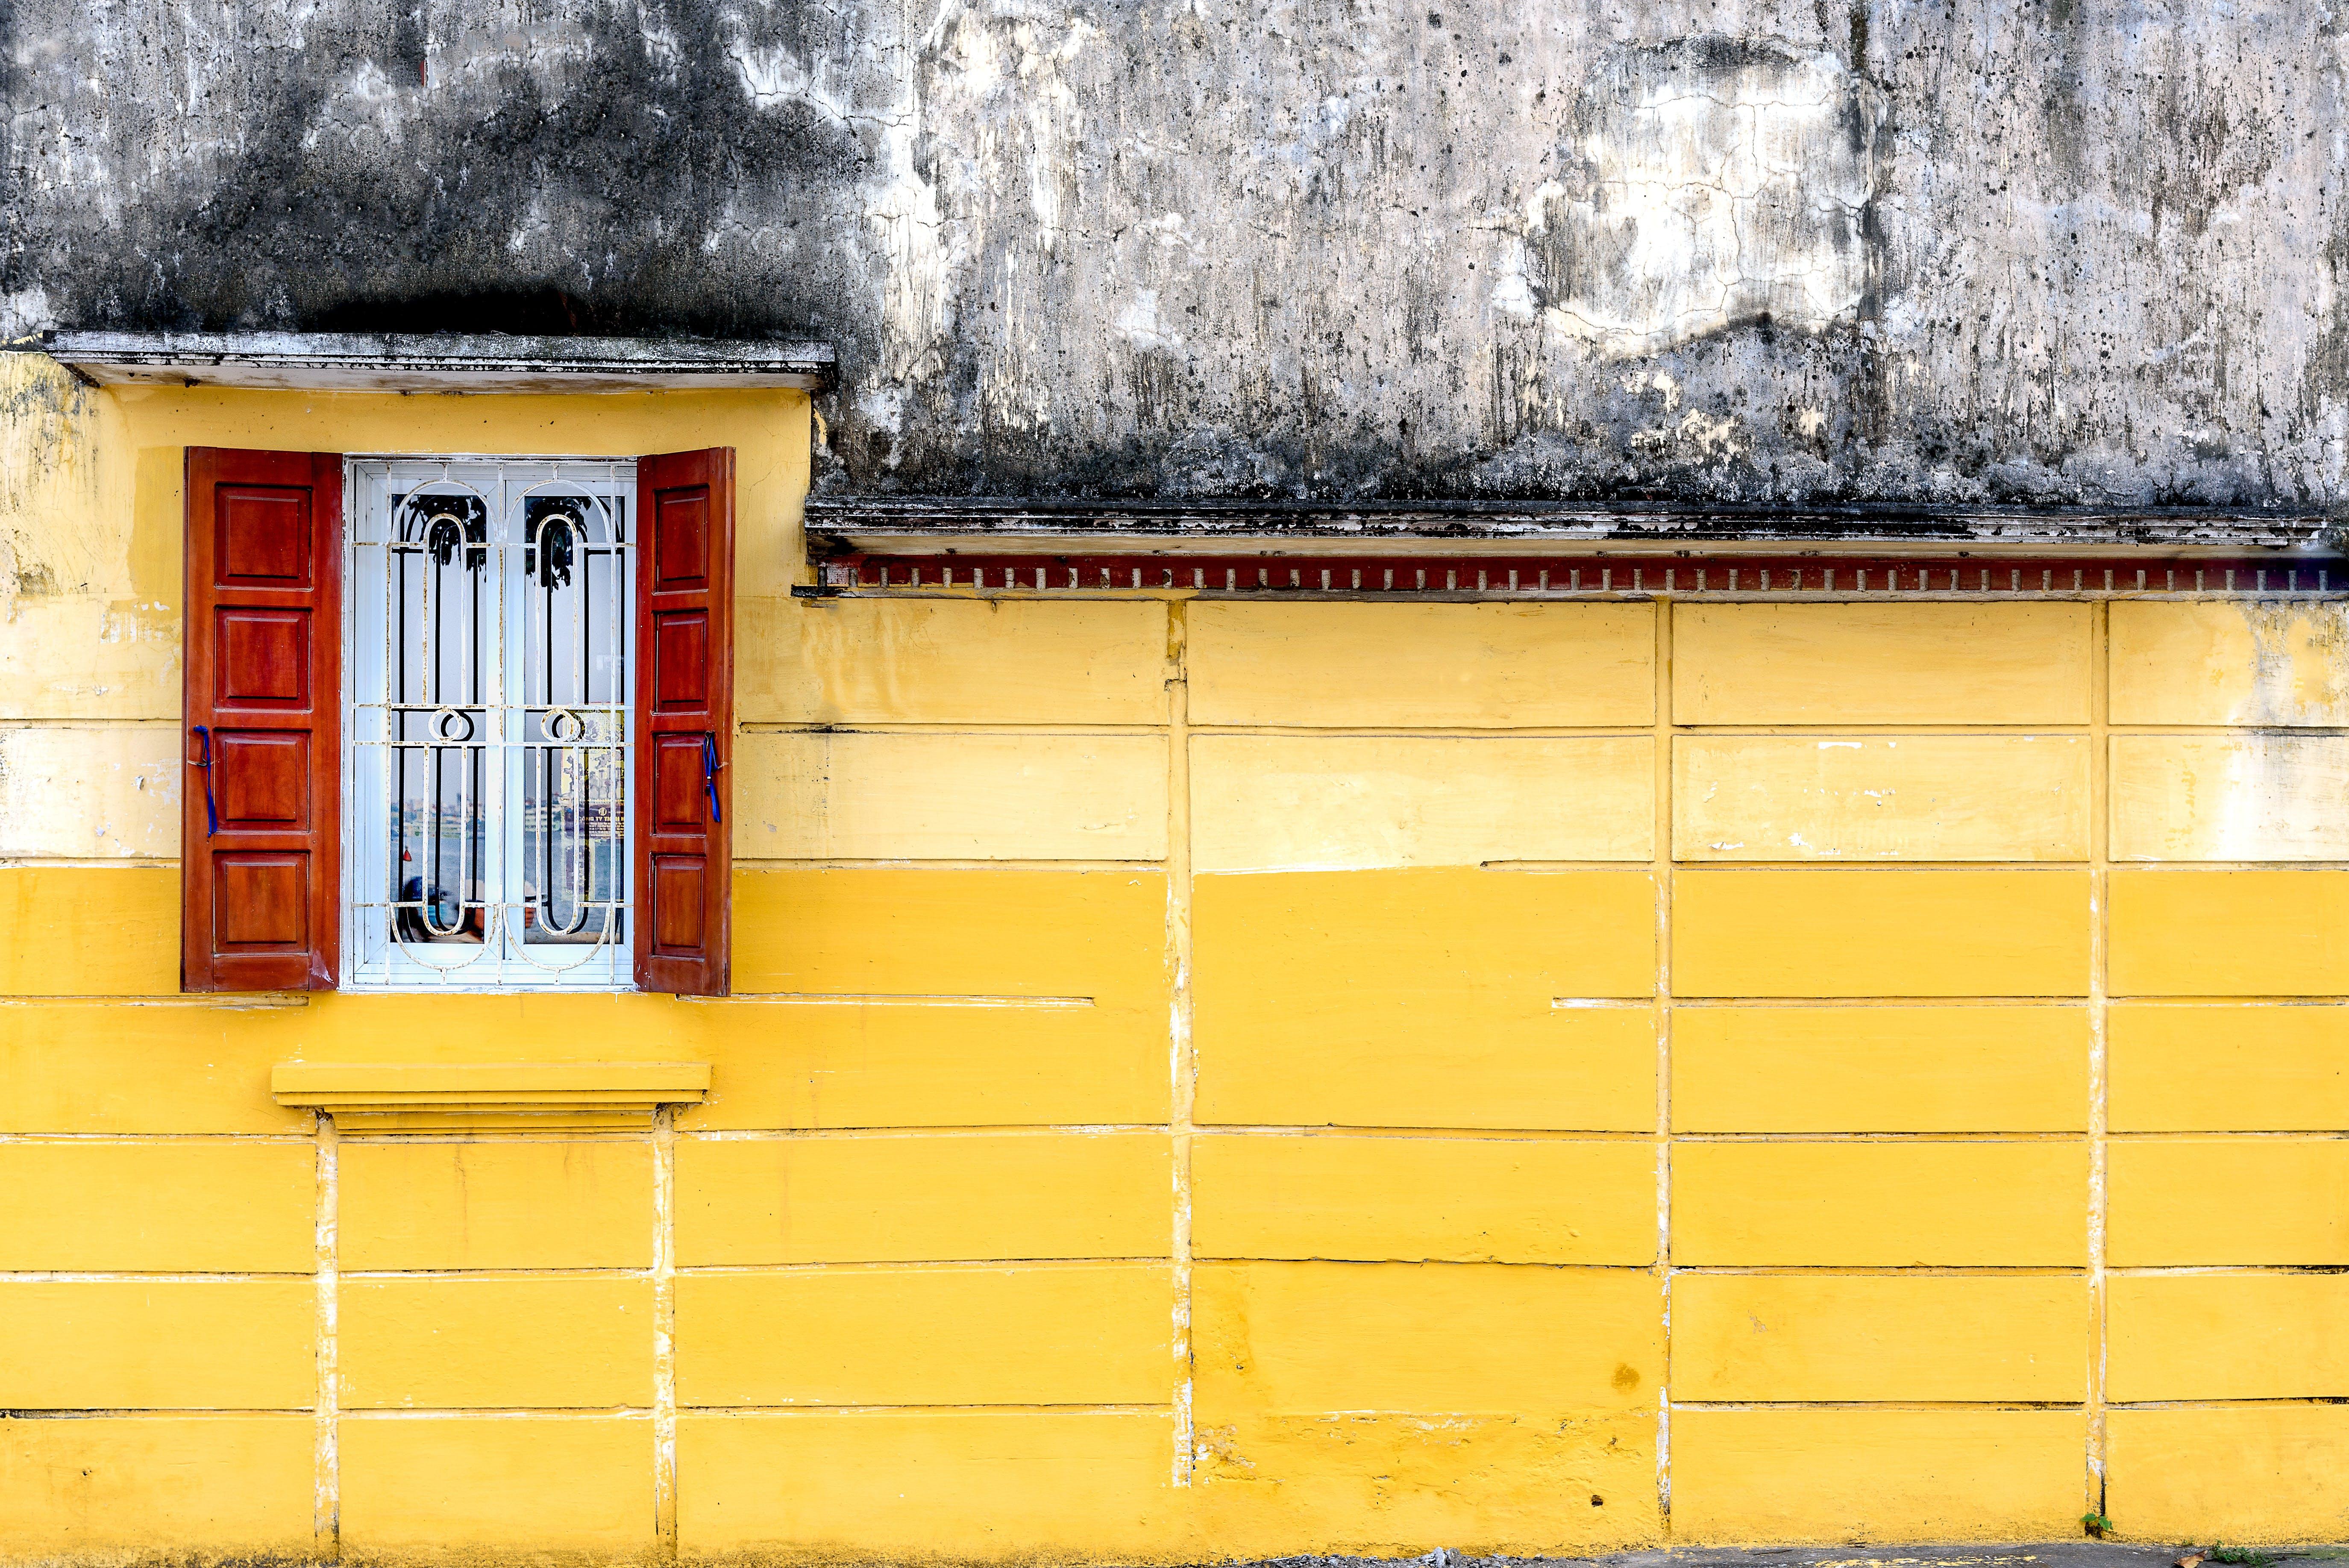 Open Brown Wooden Casement Window